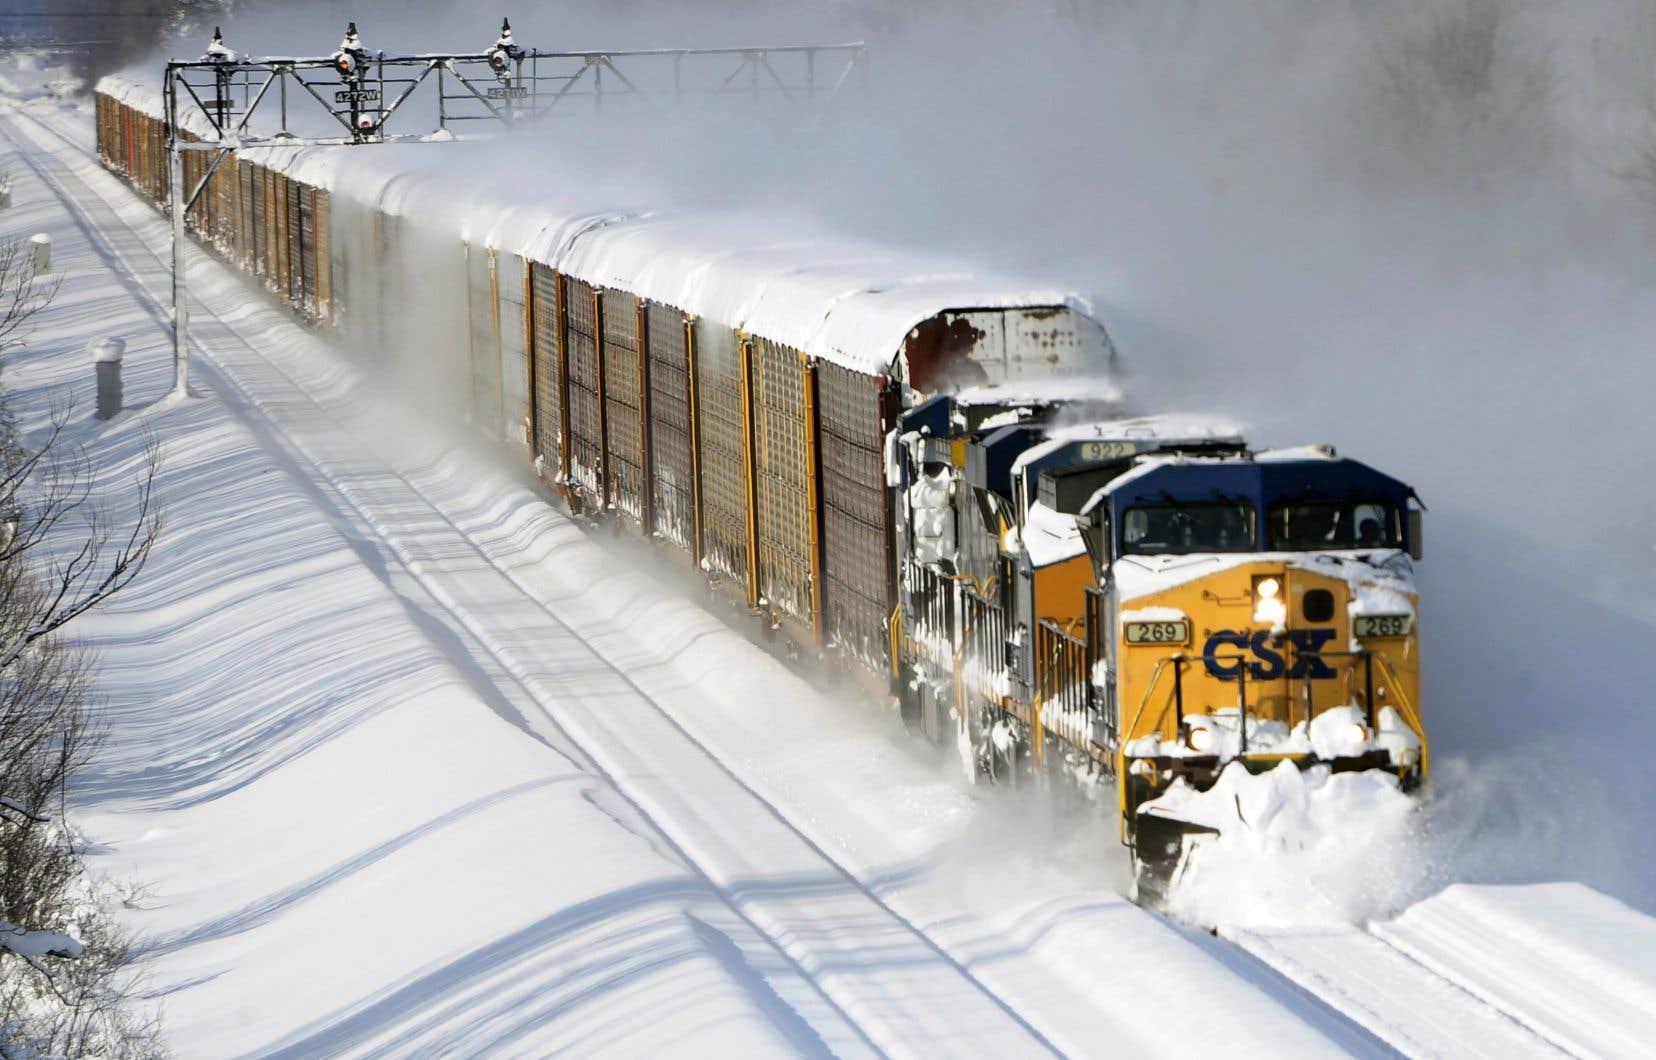 CN et CP n'auraient atteint en 2017 que 38% de leur capacité en transportant de 35 000 à 40 000 wagons complets, comparativement à 110 000 wagons complets au cours de leur apogée en 2014.